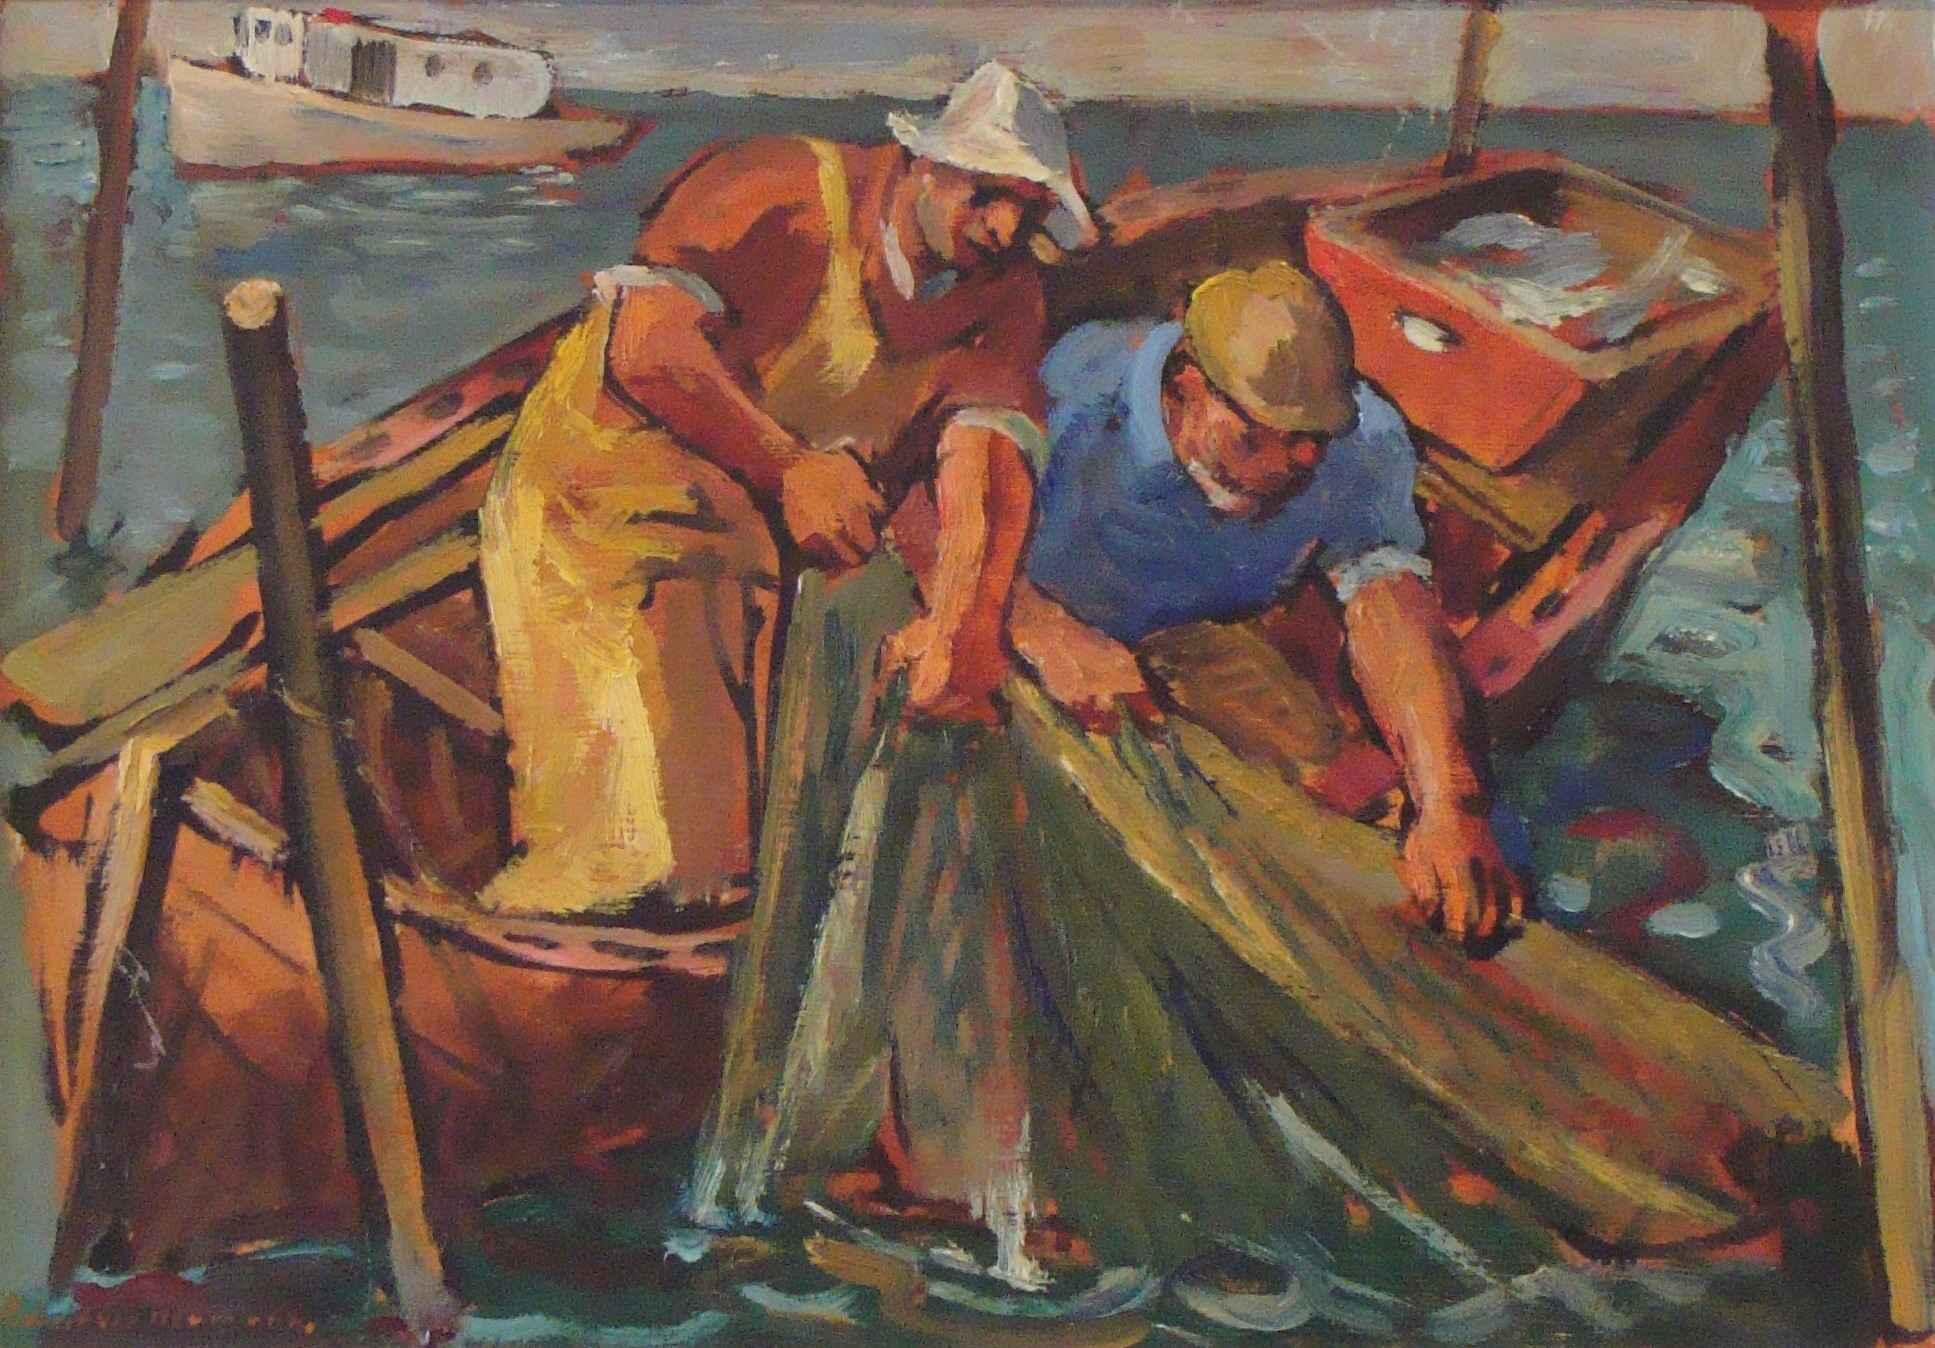 Untitled (Two Fisherm... by Mr. Robert von Neumann - Masterpiece Online